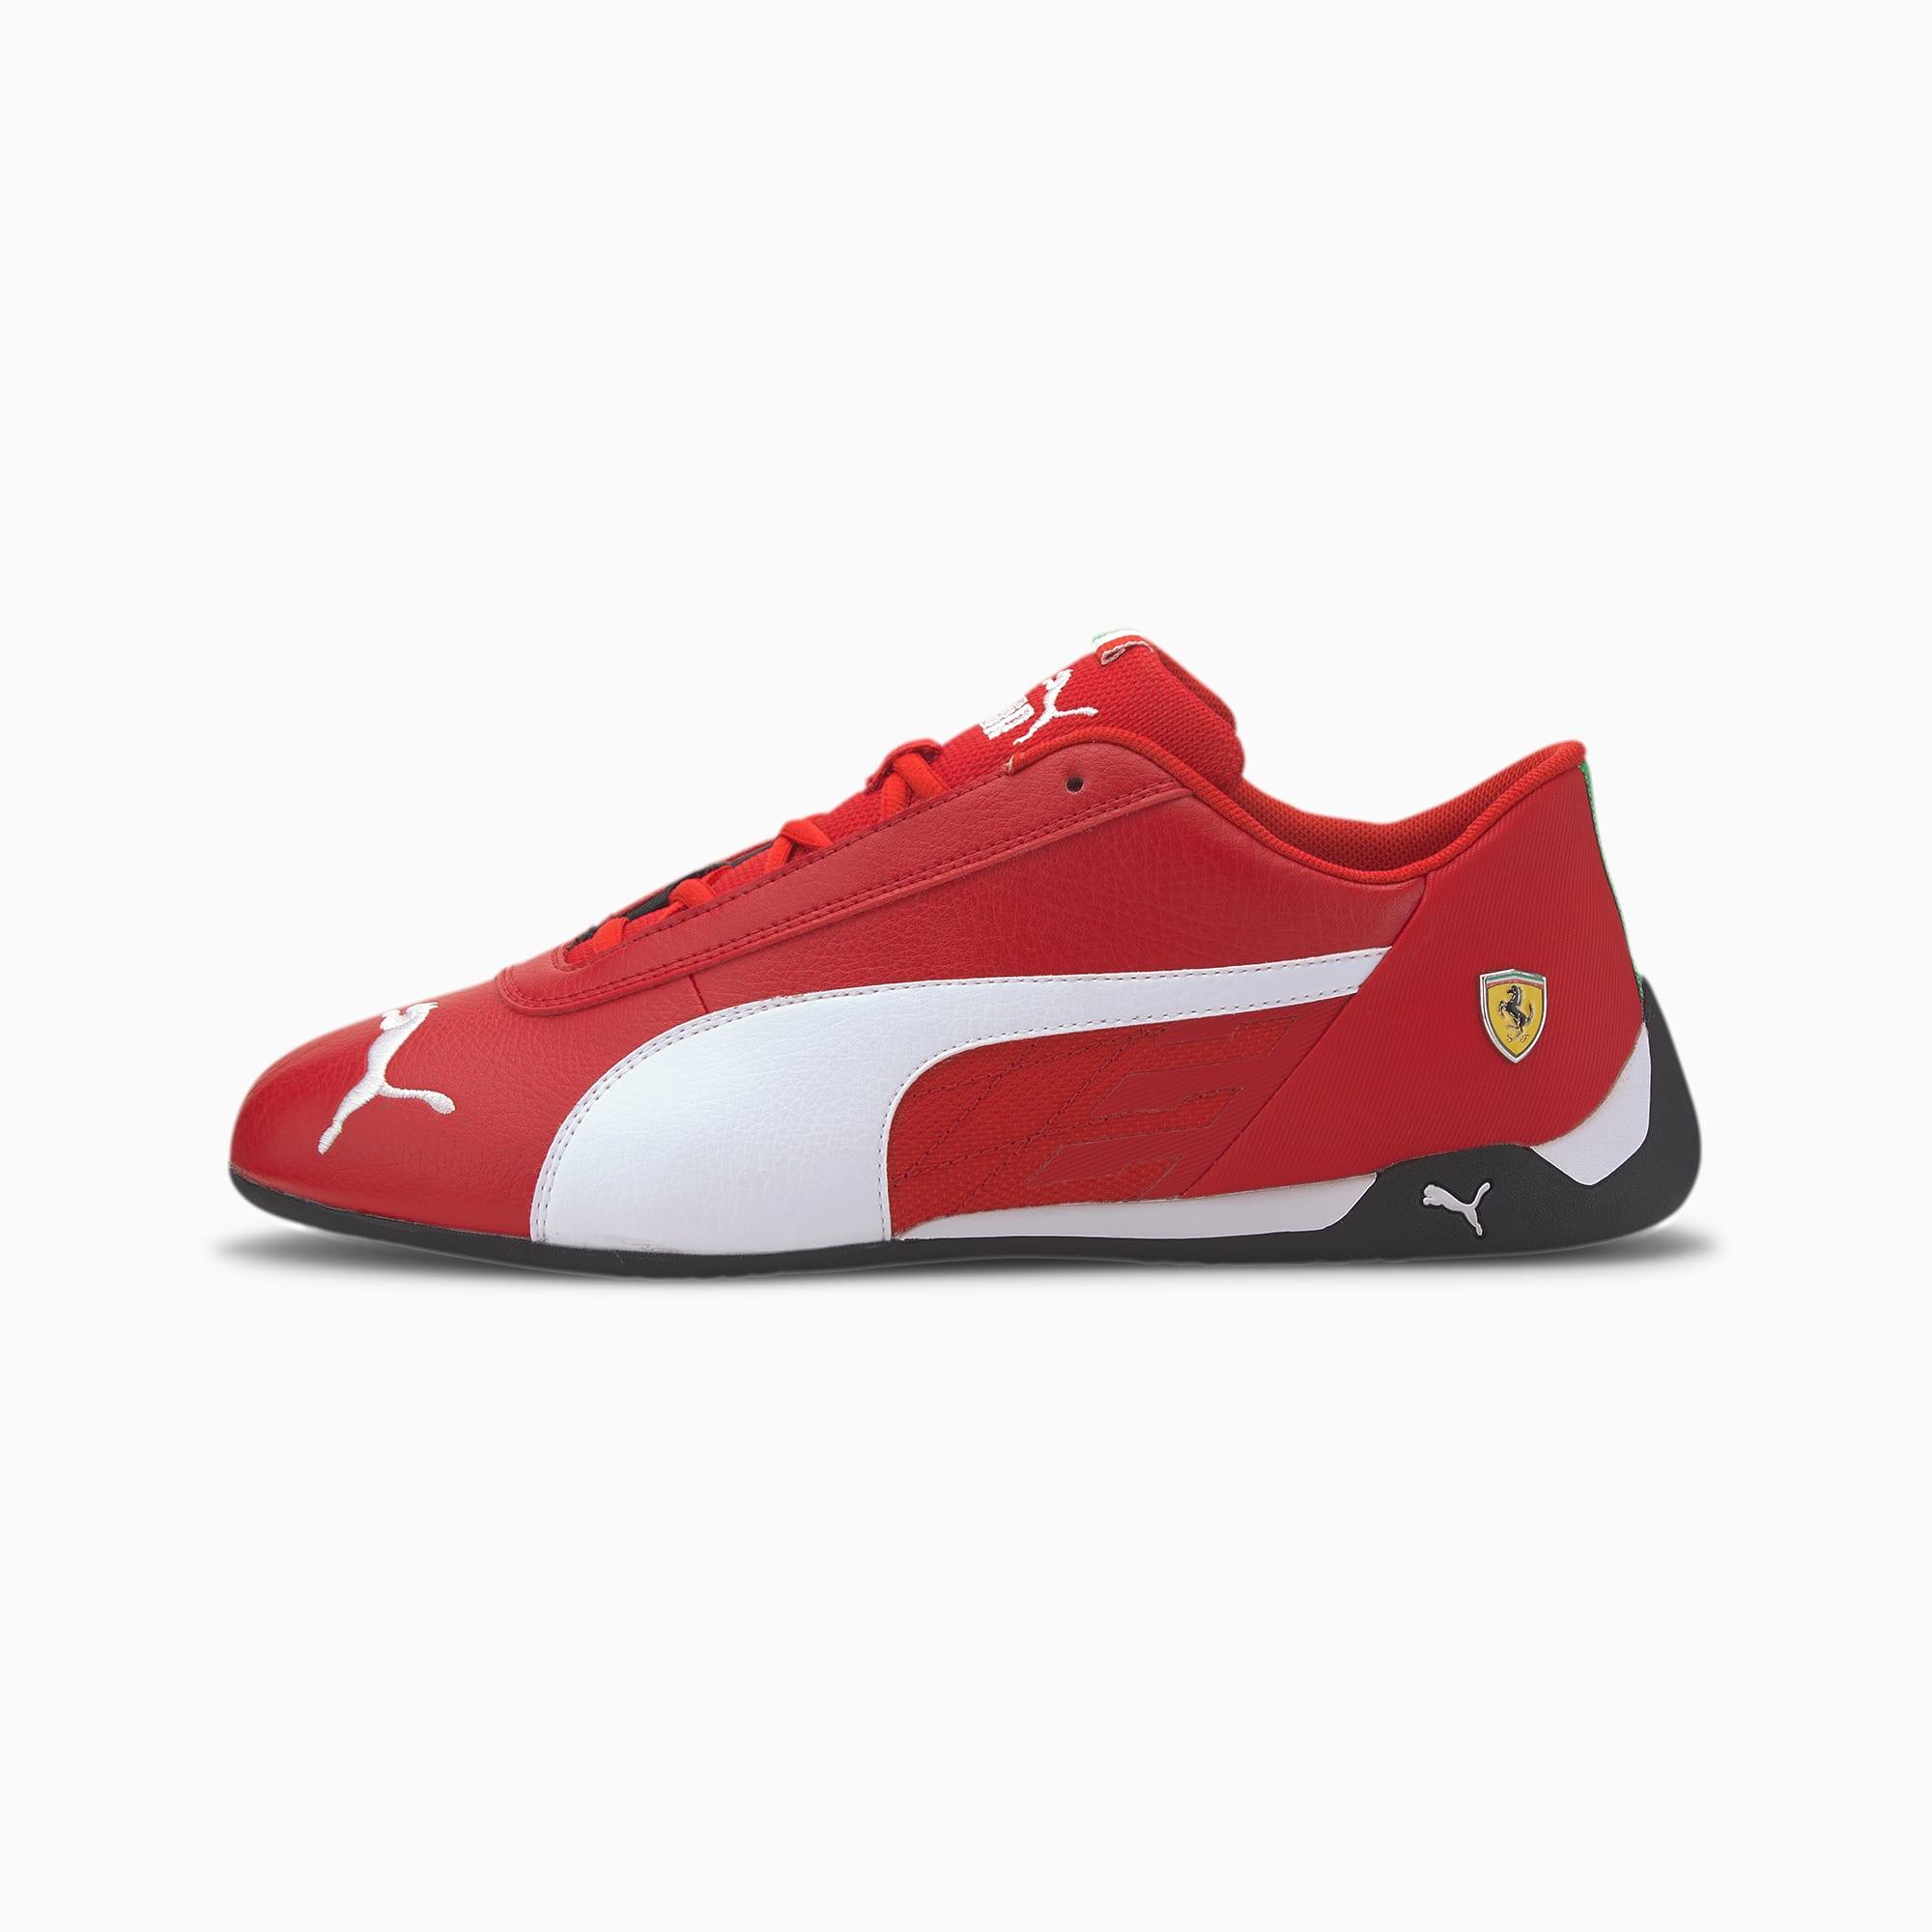 Scuderia Ferrari R-Cat sportschoenen